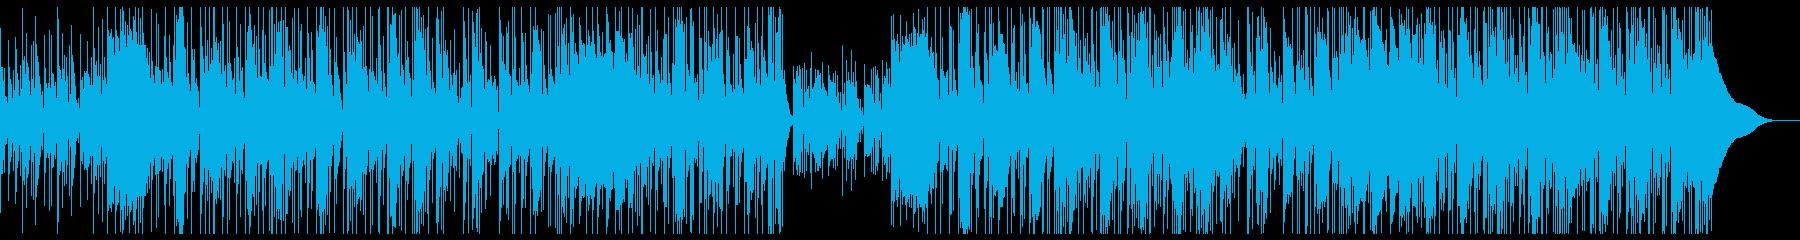 サイバー メカメカしい無骨なビート感の再生済みの波形